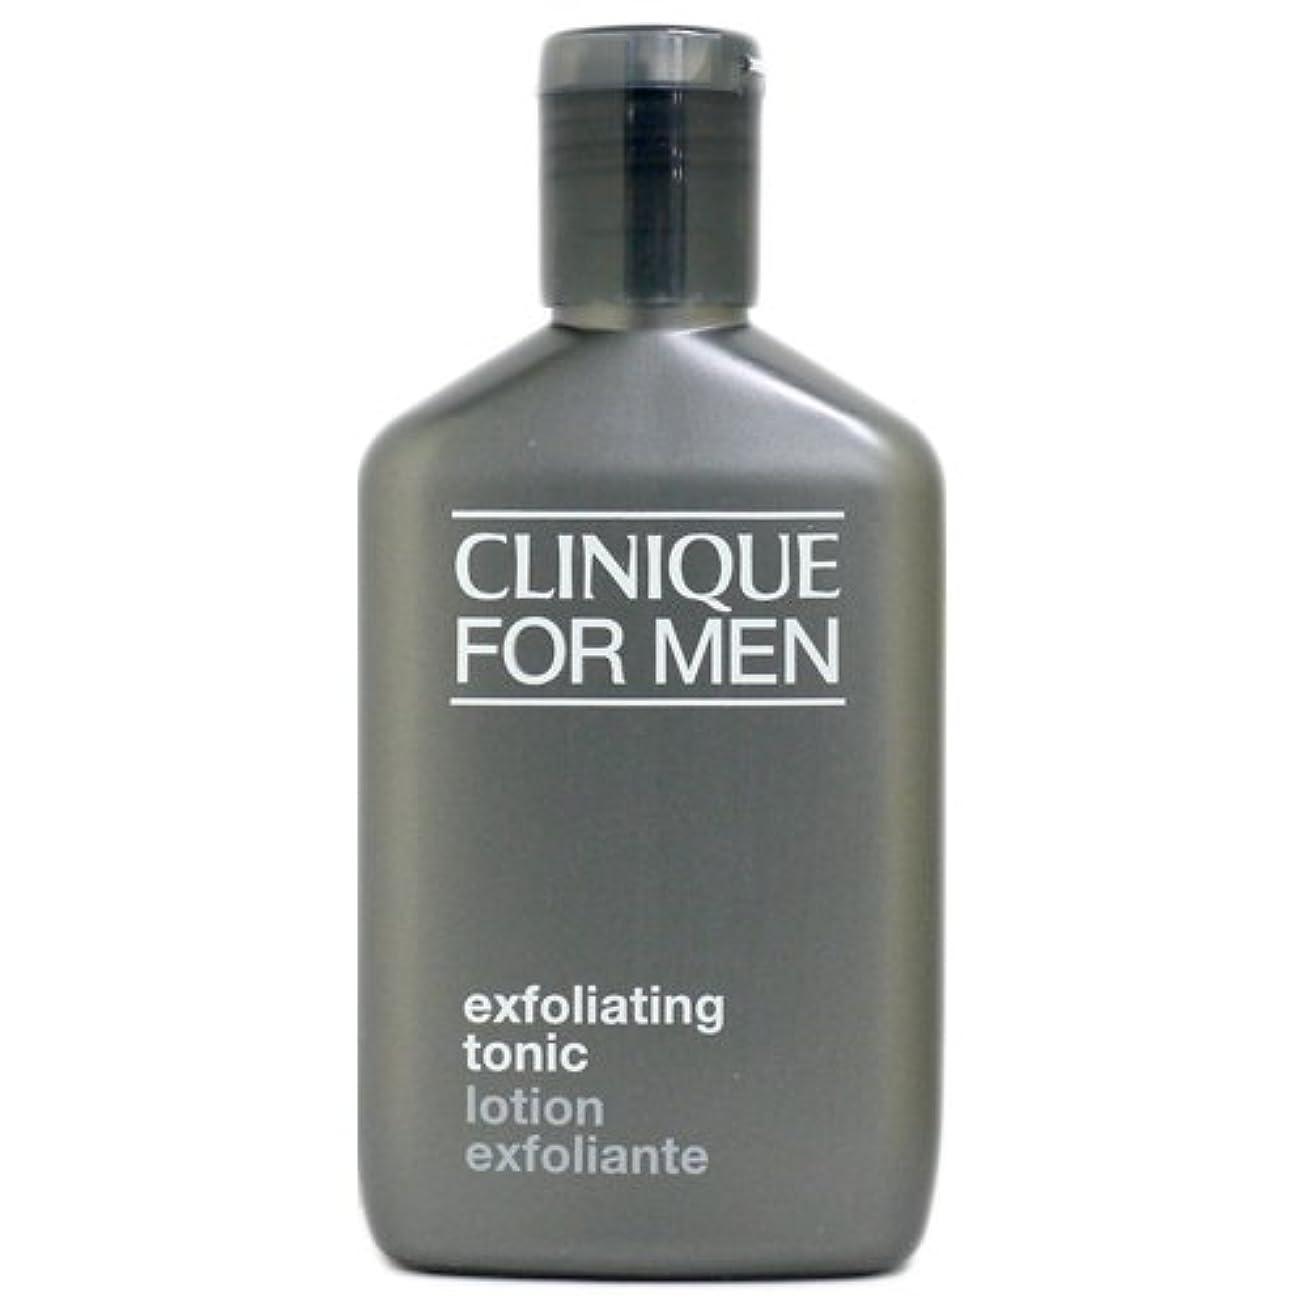 祈り納得させるラバクリニークフォーメン(CLINIQUE FOR MEN) エクスフォリエーティング トニック 200ml[並行輸入品]